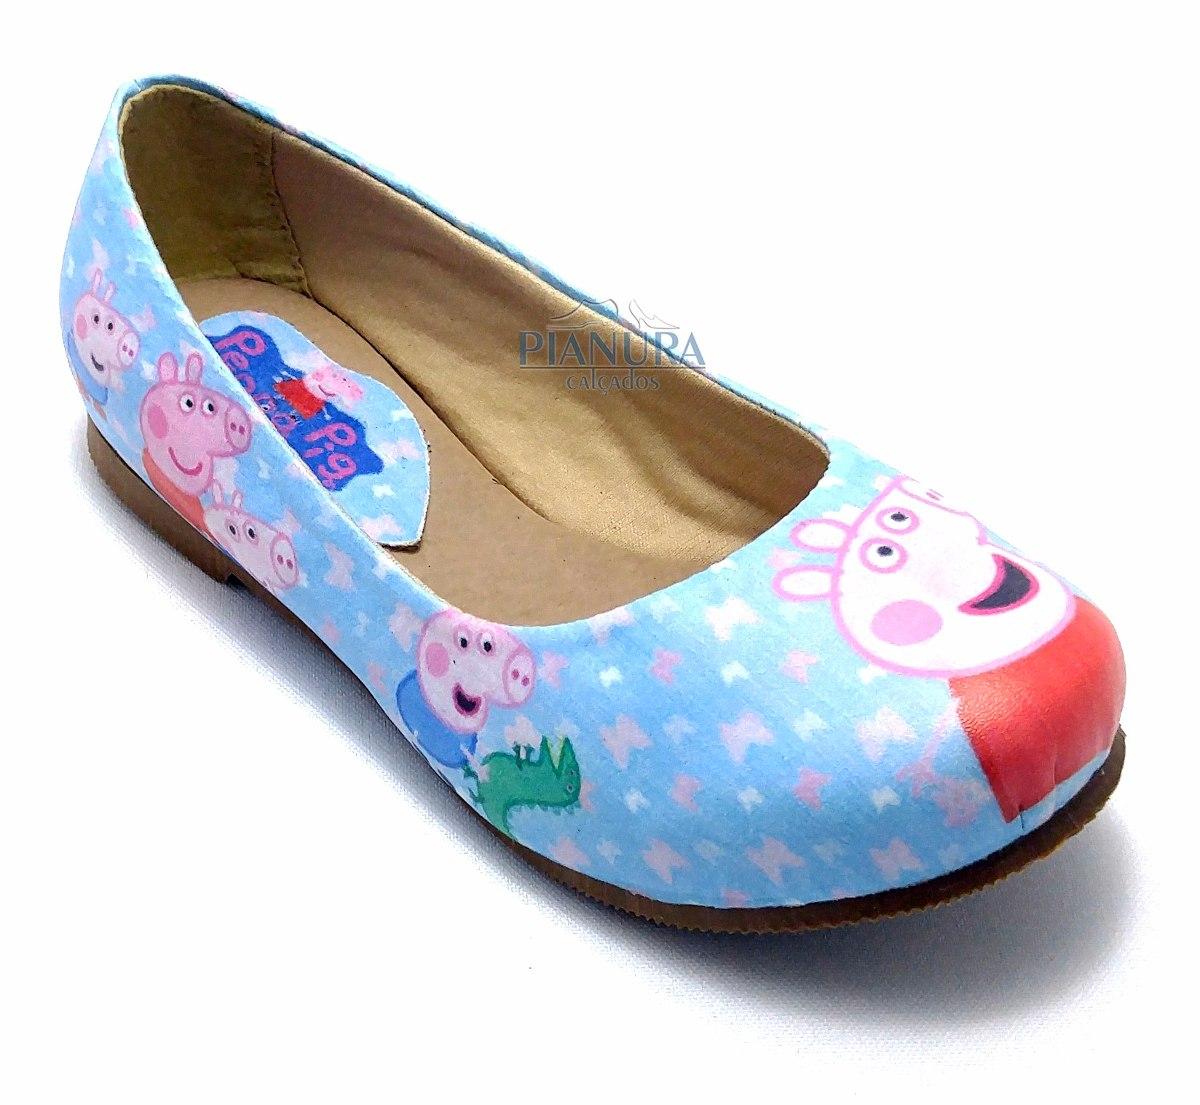 067040796f Kit Sapatilha Infantil Menina Peppa Pig Com Bolsa - R  64